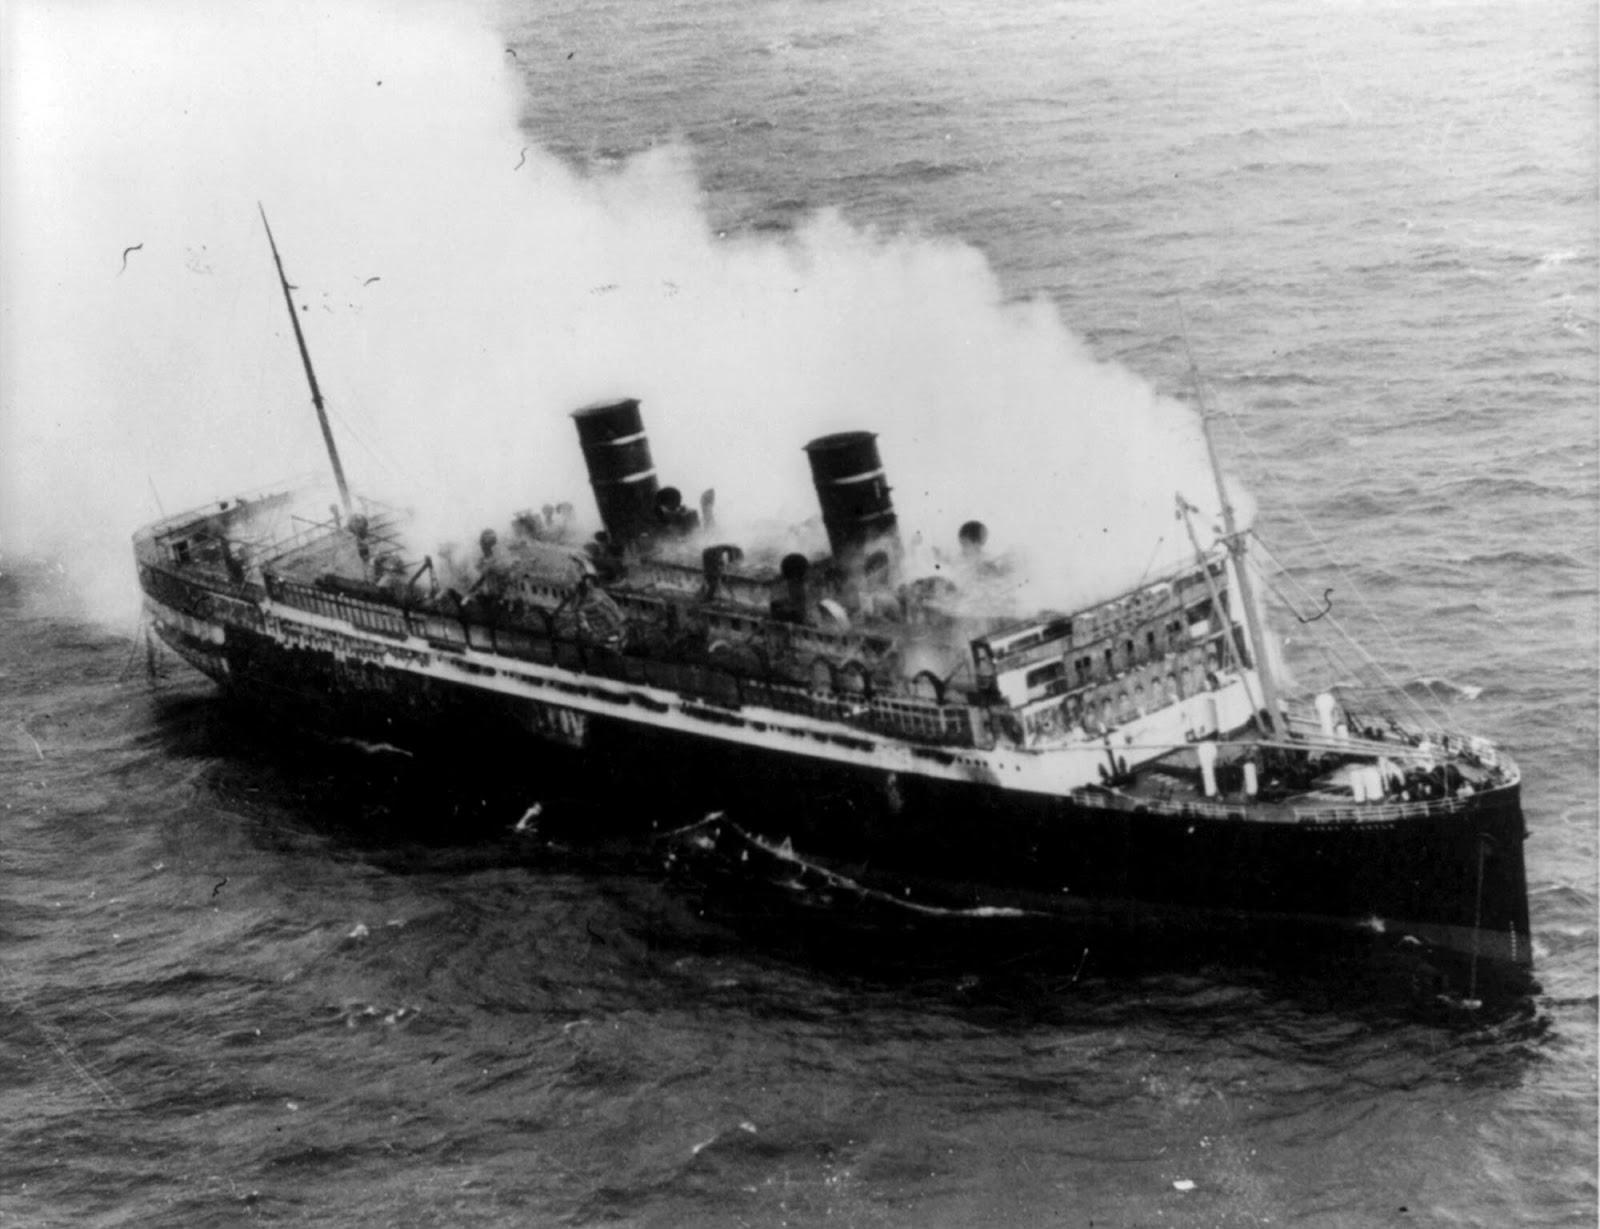 SS Morro Castle on fire, September 8, 1934.